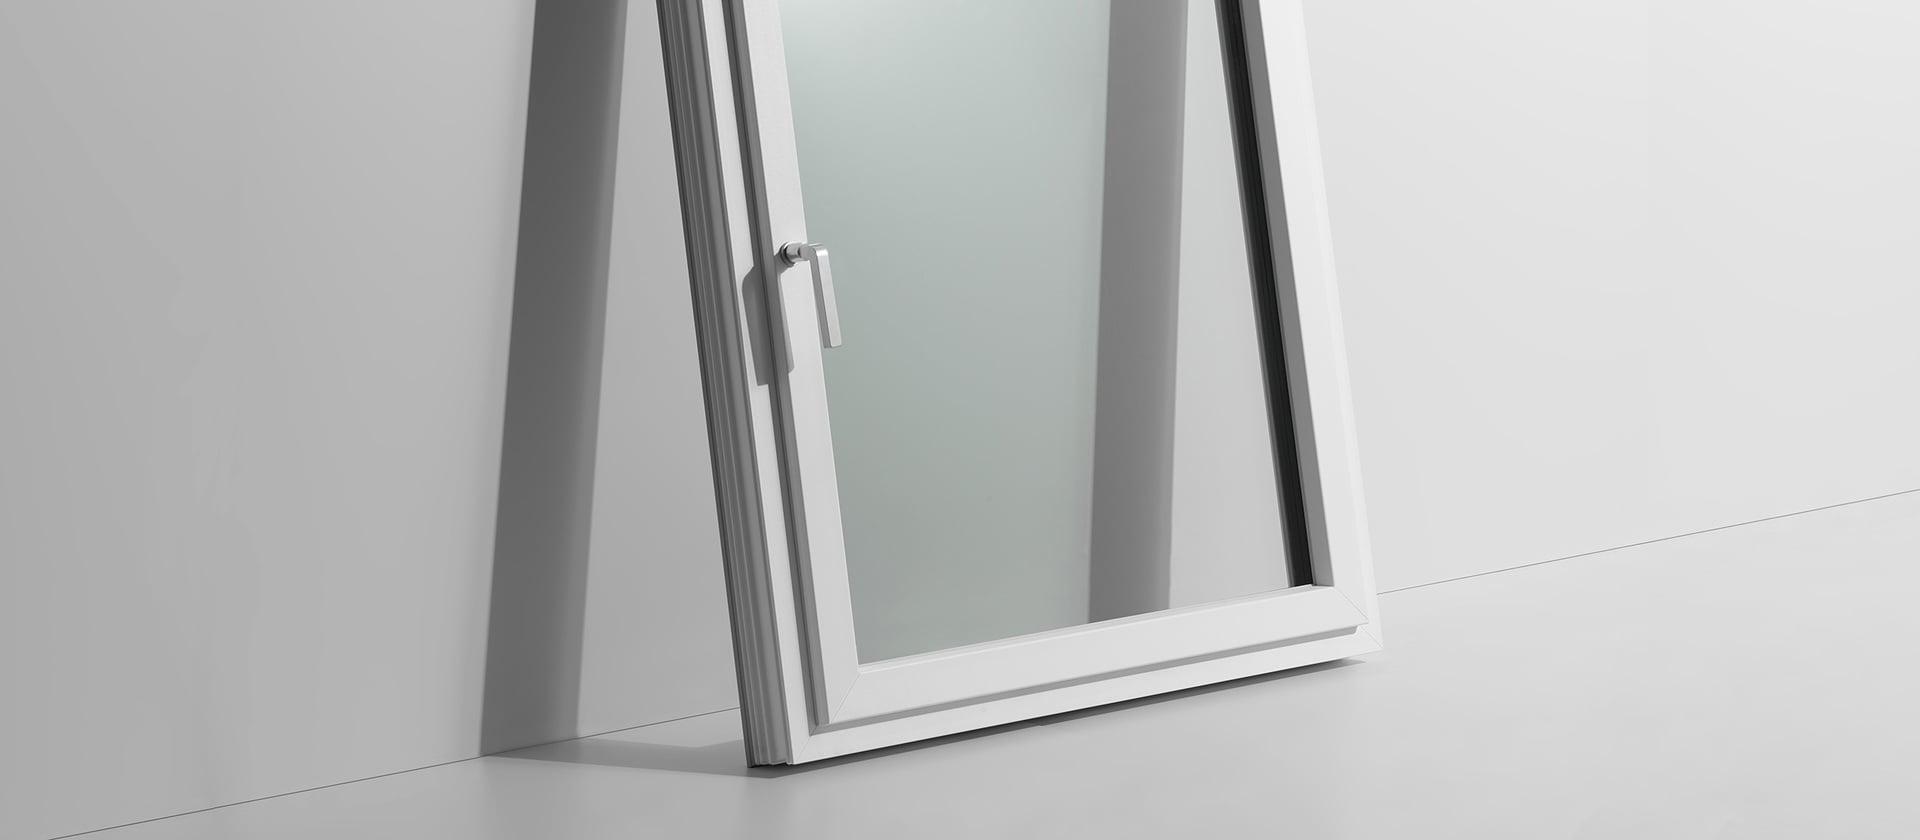 FIN-Window devient le principal système de profils Finstral.